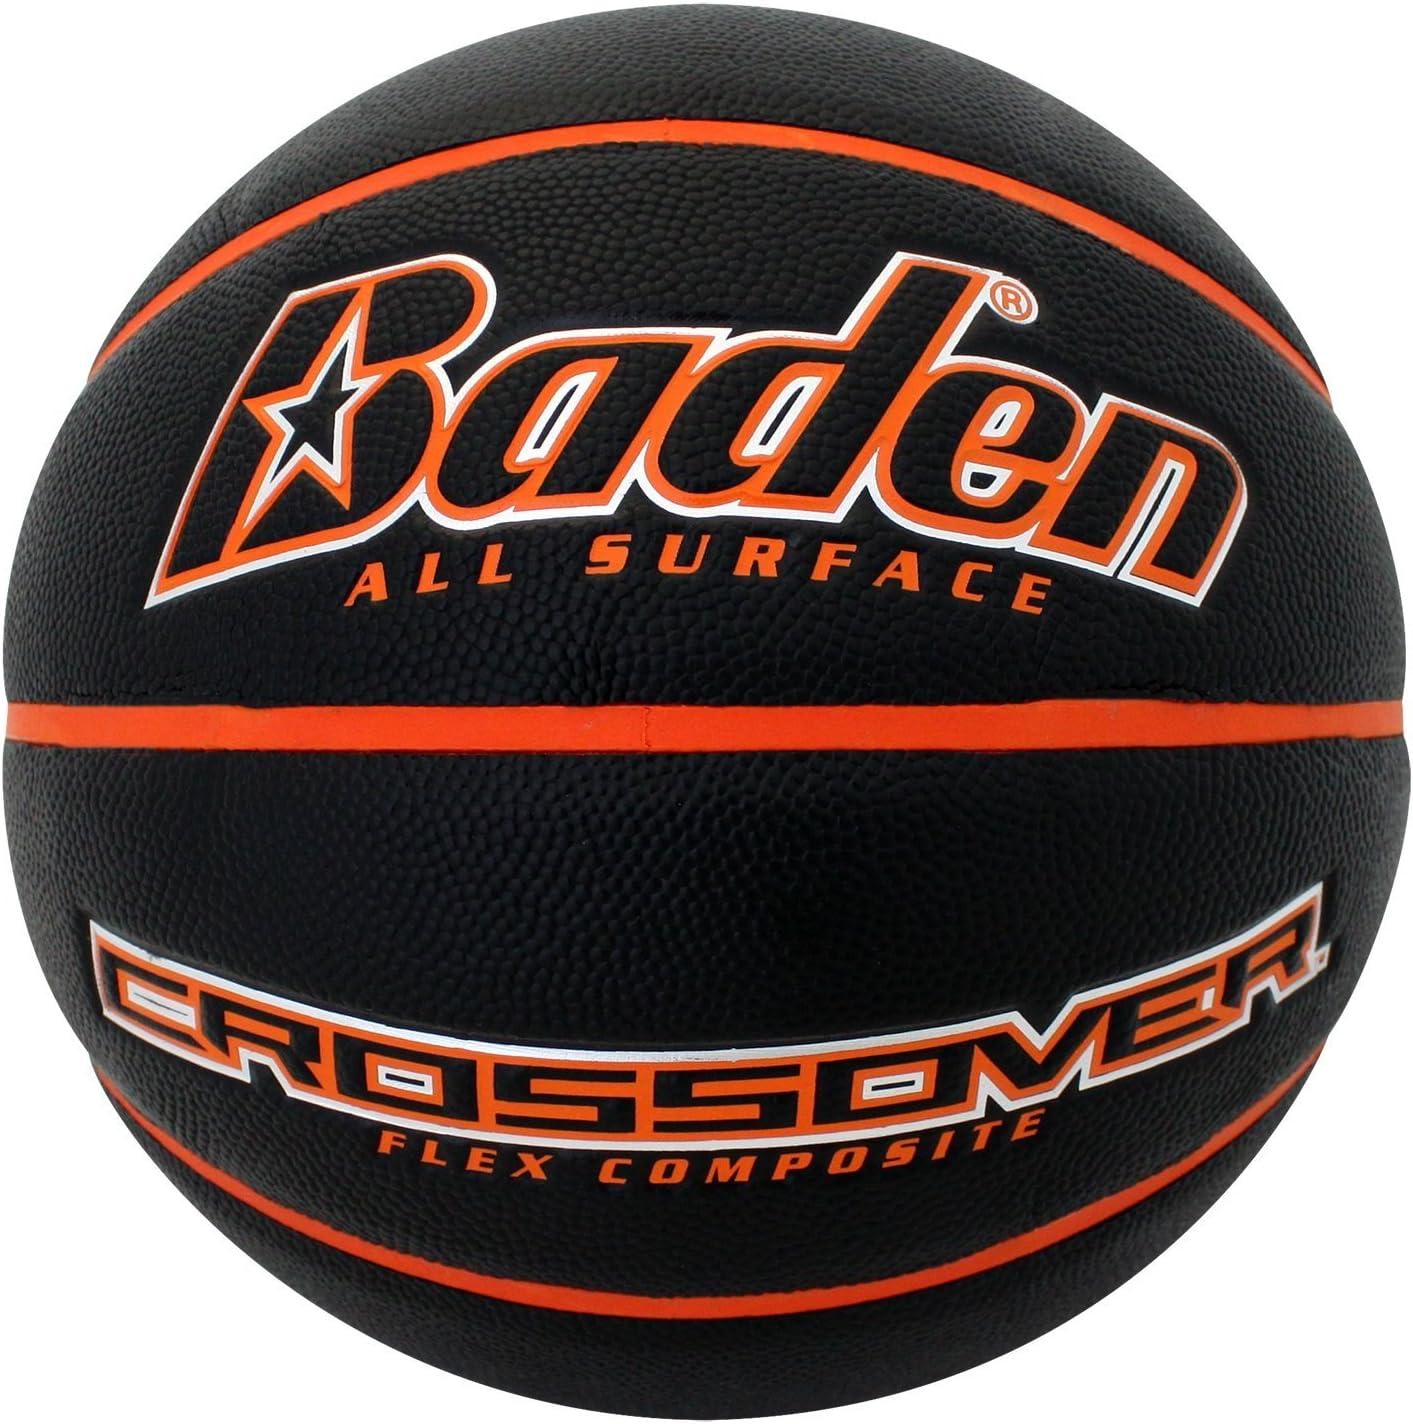 Baden Crossover Composite Indoor//Outdoor Basketball